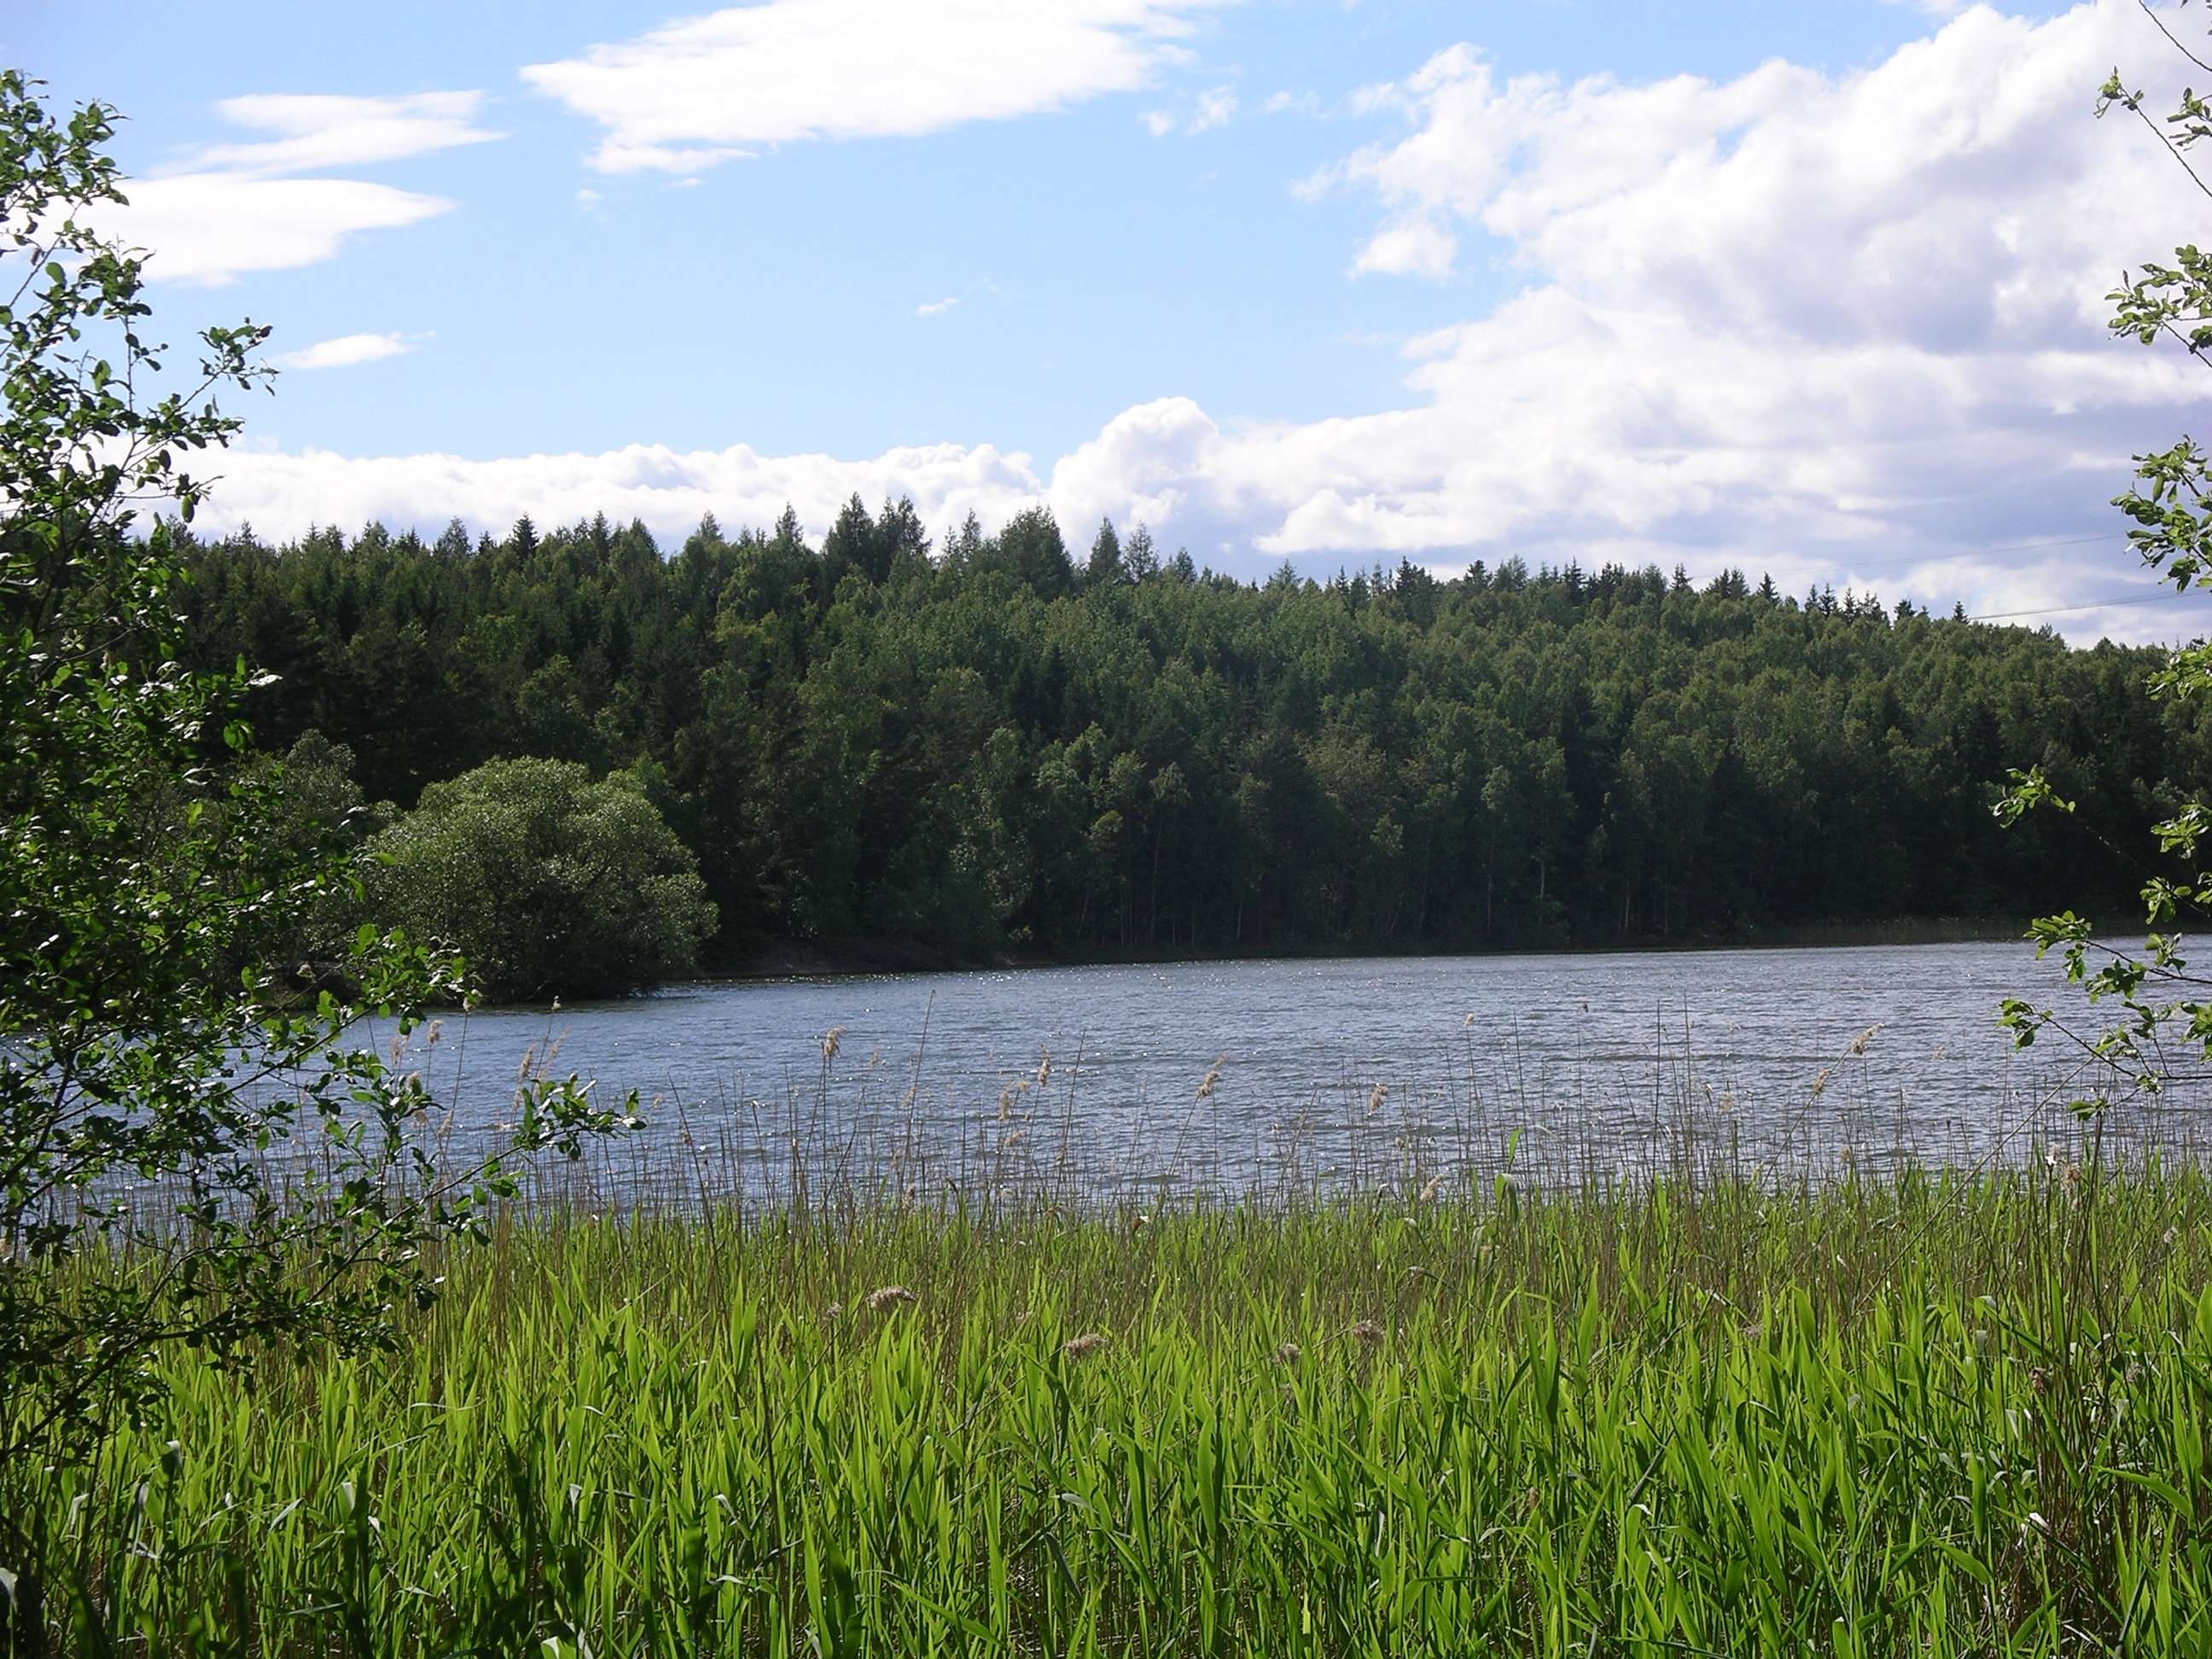 Intresset för svensk natur ökar. Gröndalsviken Överselö. Fotograf: Sven G Nilsson